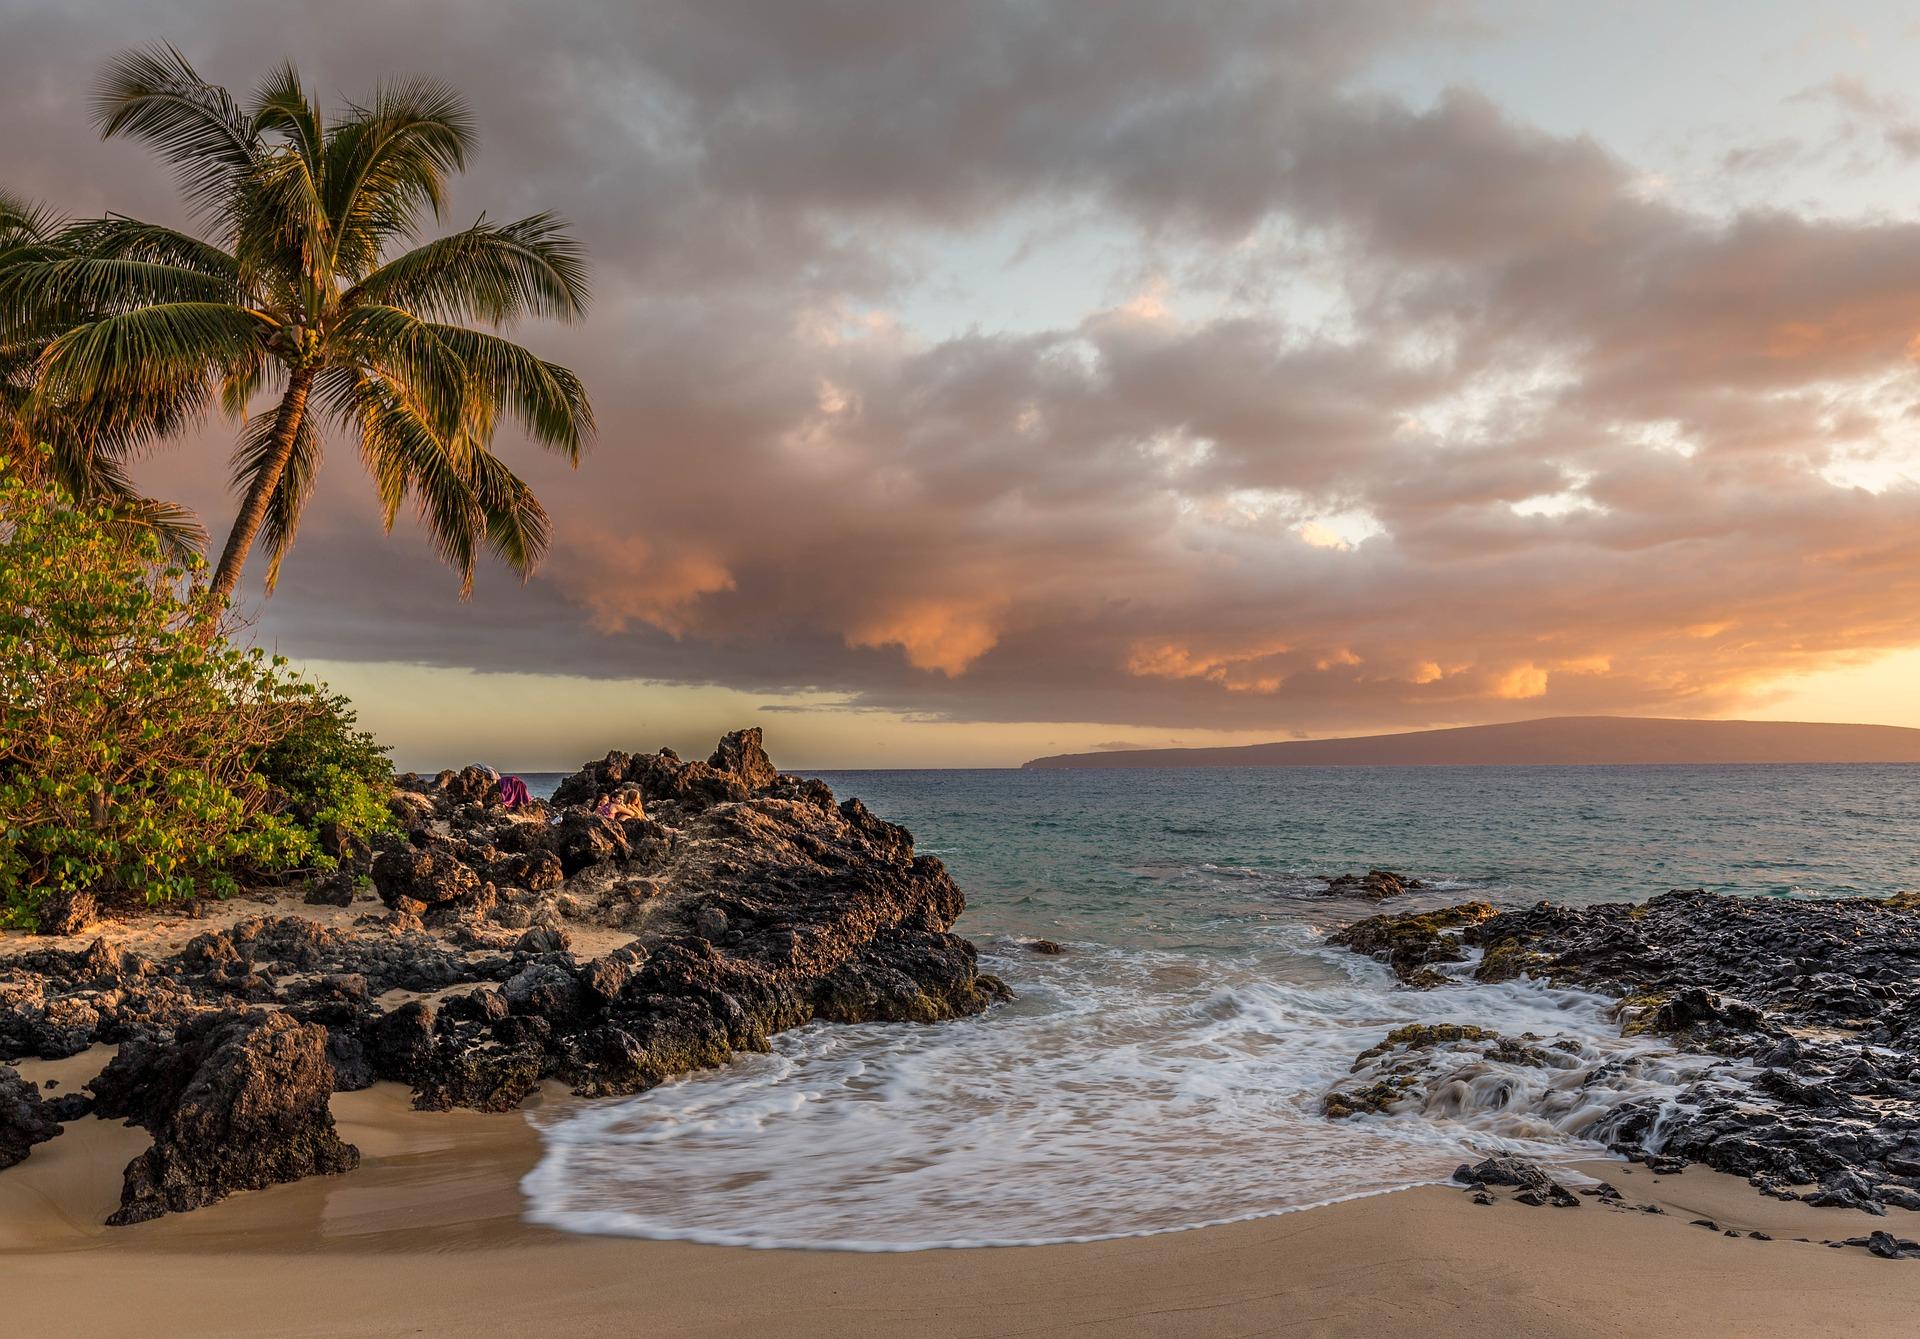 Spiele am Strand - Wolkenbilder entdecken